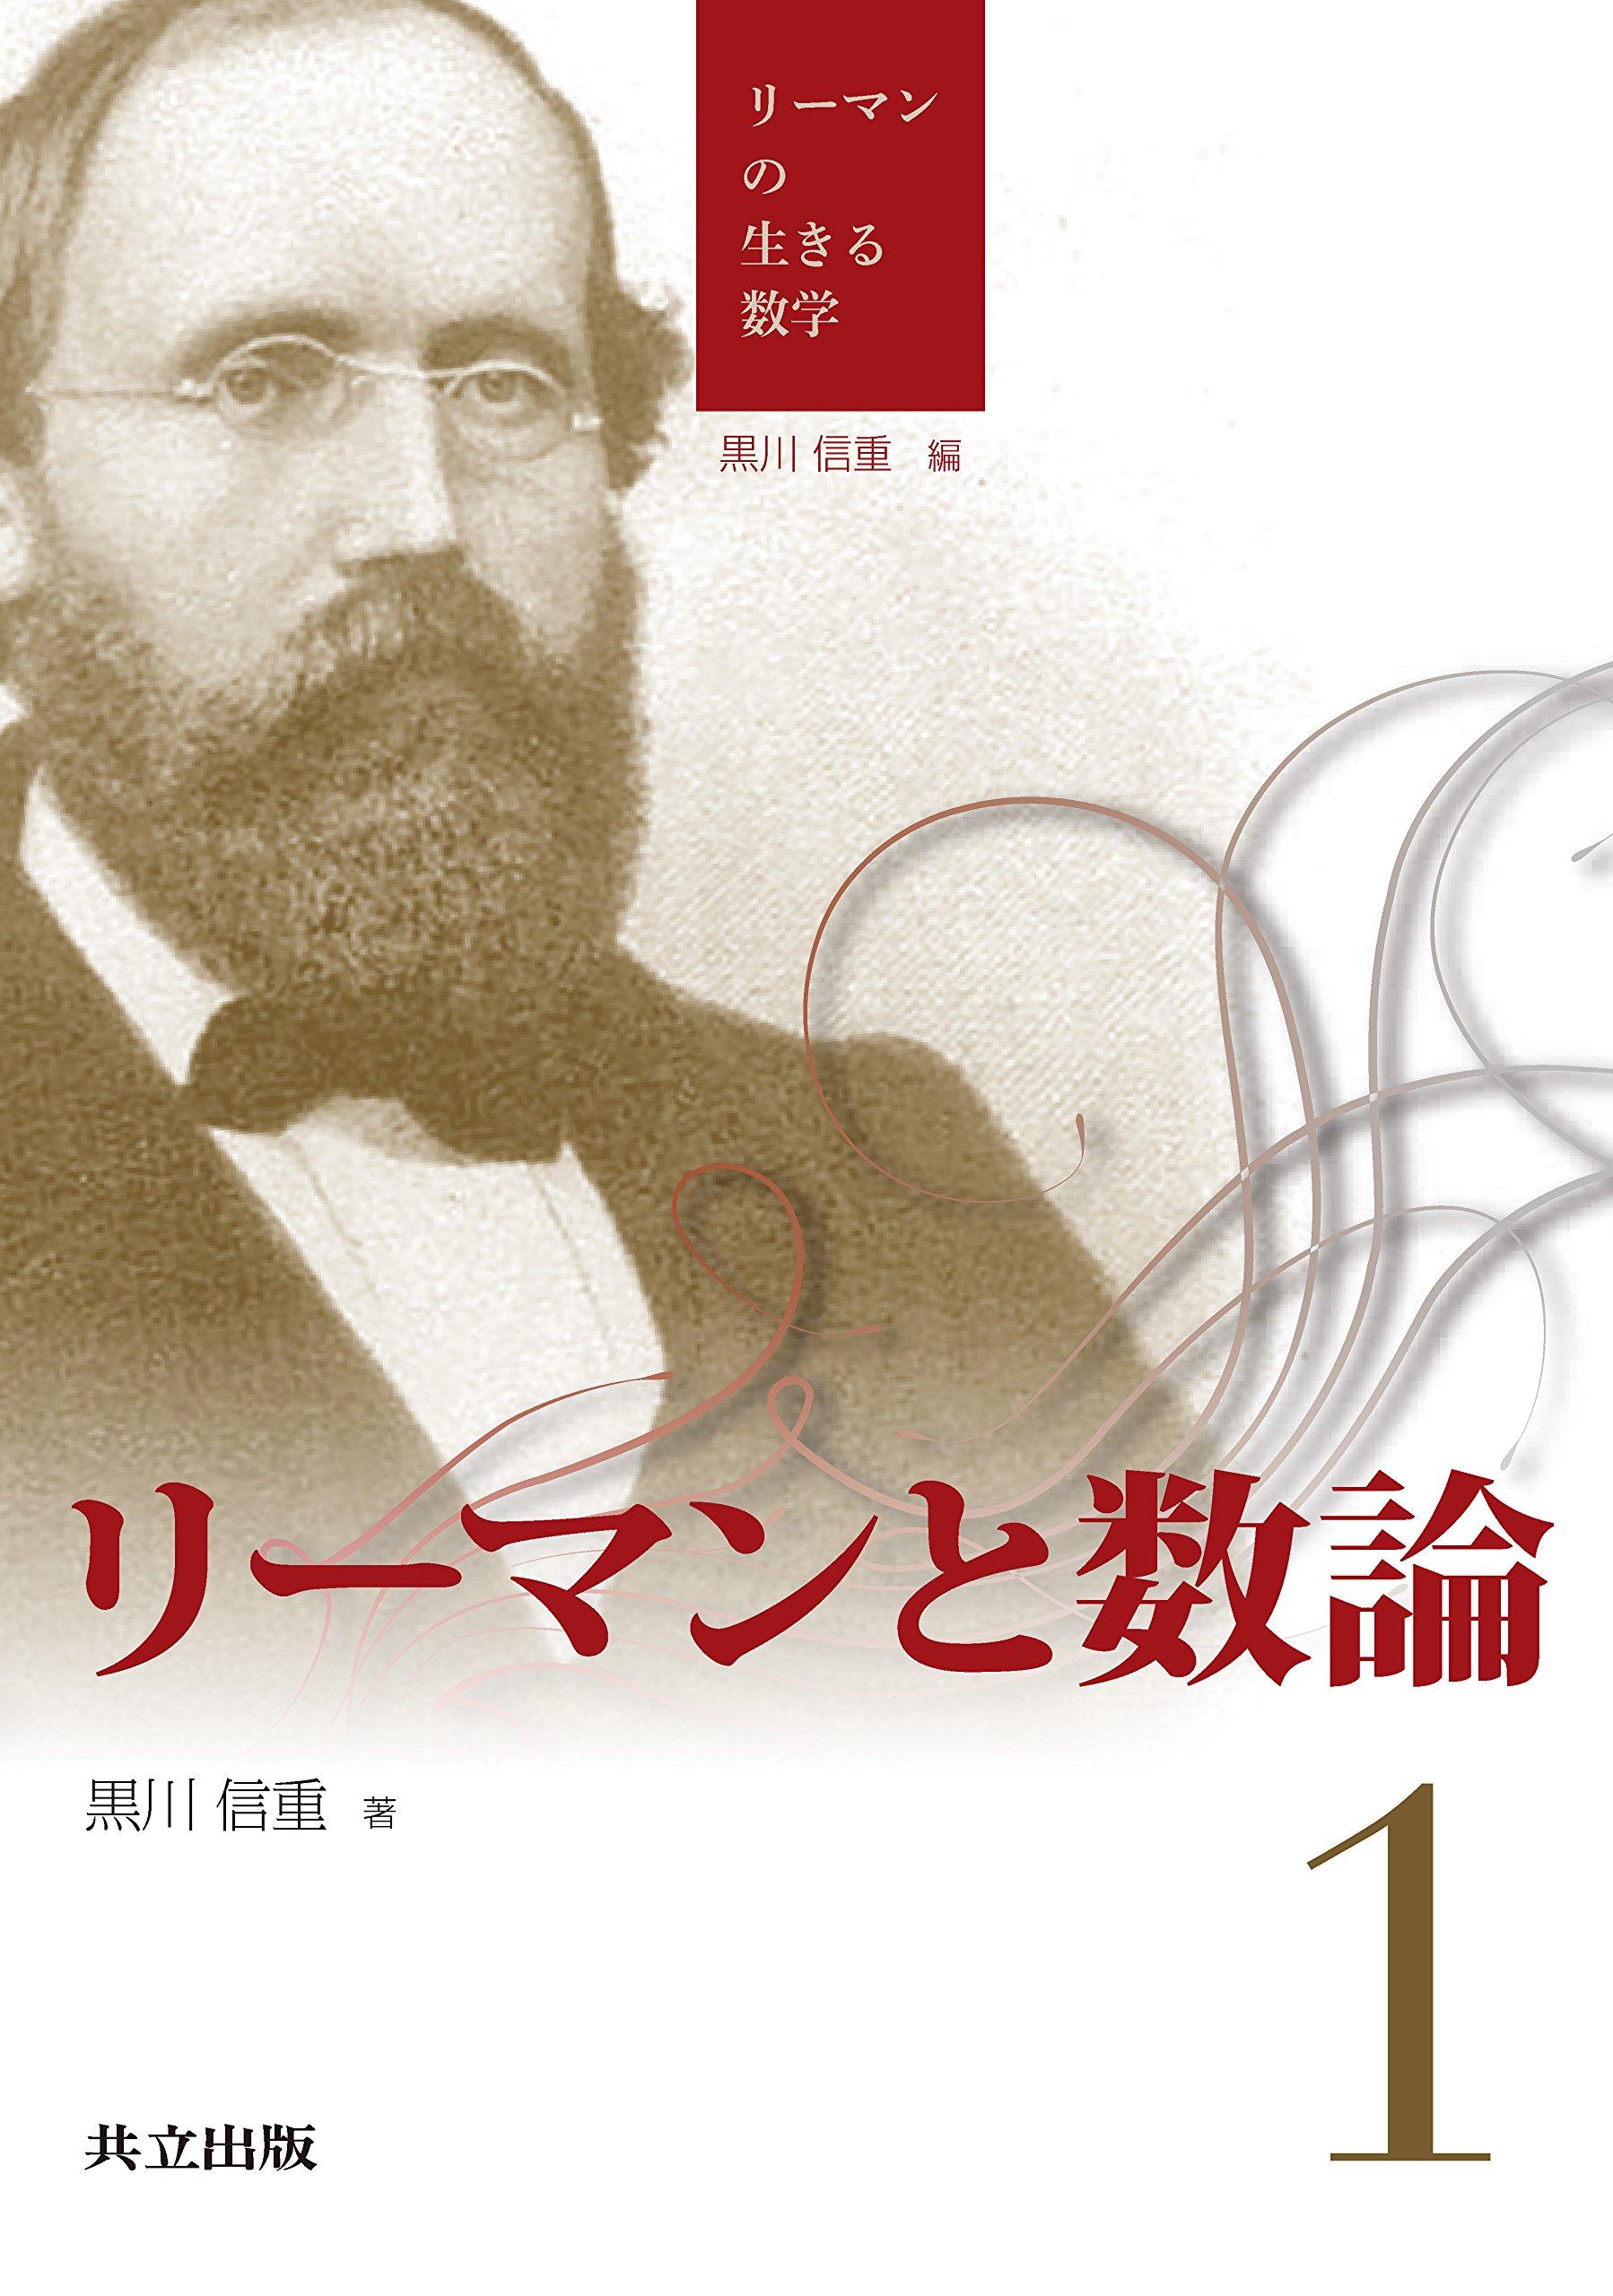 リーマンと数論 (リーマンの生きる数学)   信重, 黒川  本   通販   Amazon